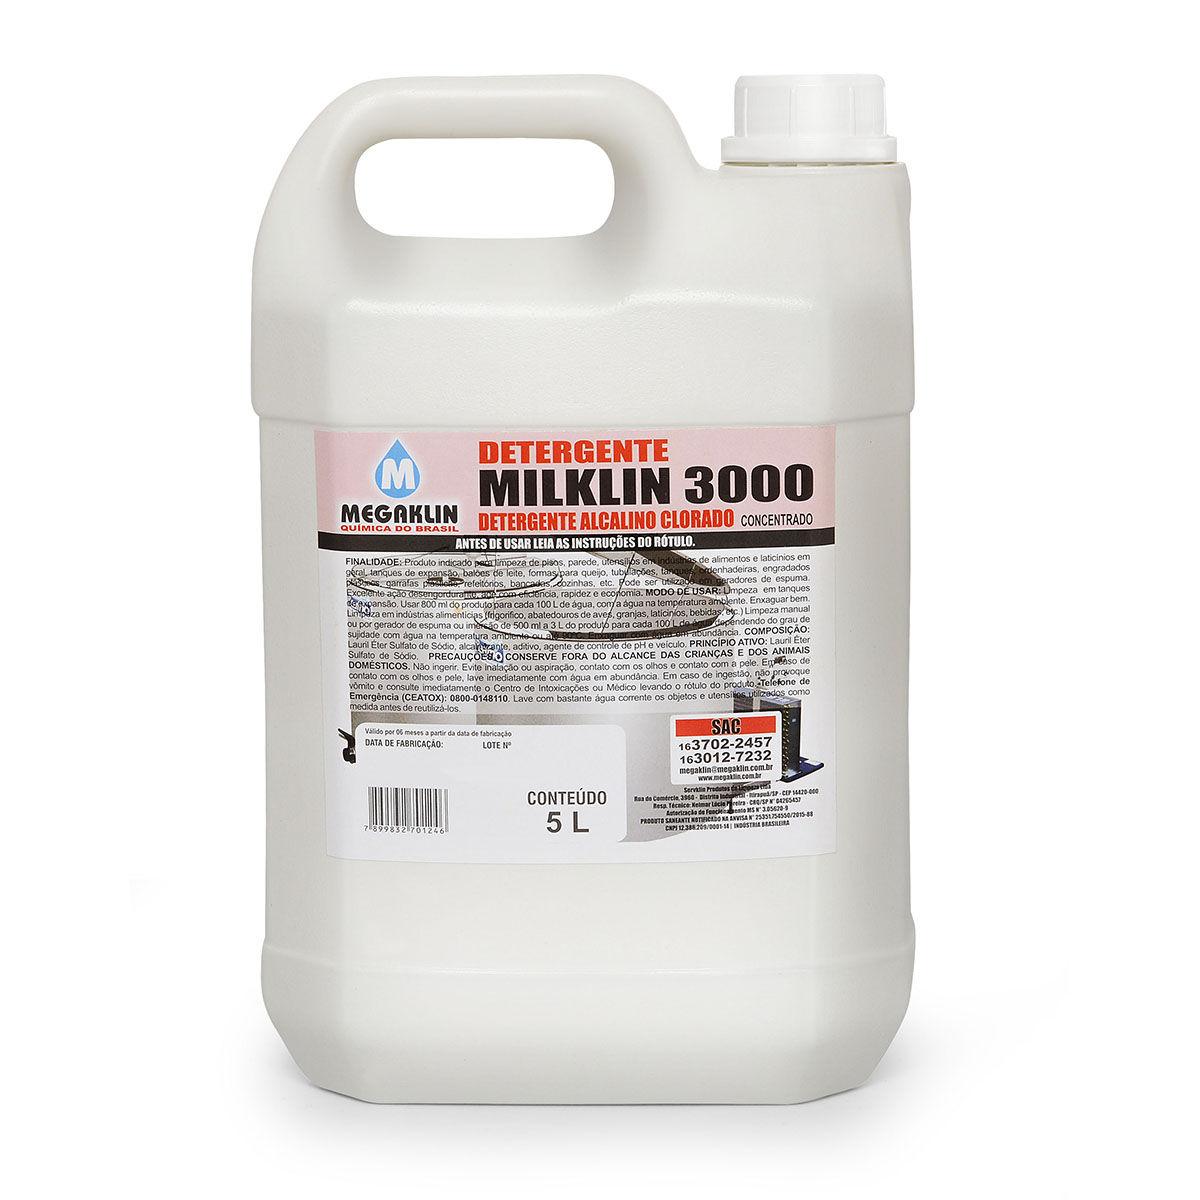 Detergente Alcalino Clorado Espumante de uso geral Milklin 3000 Megaklin